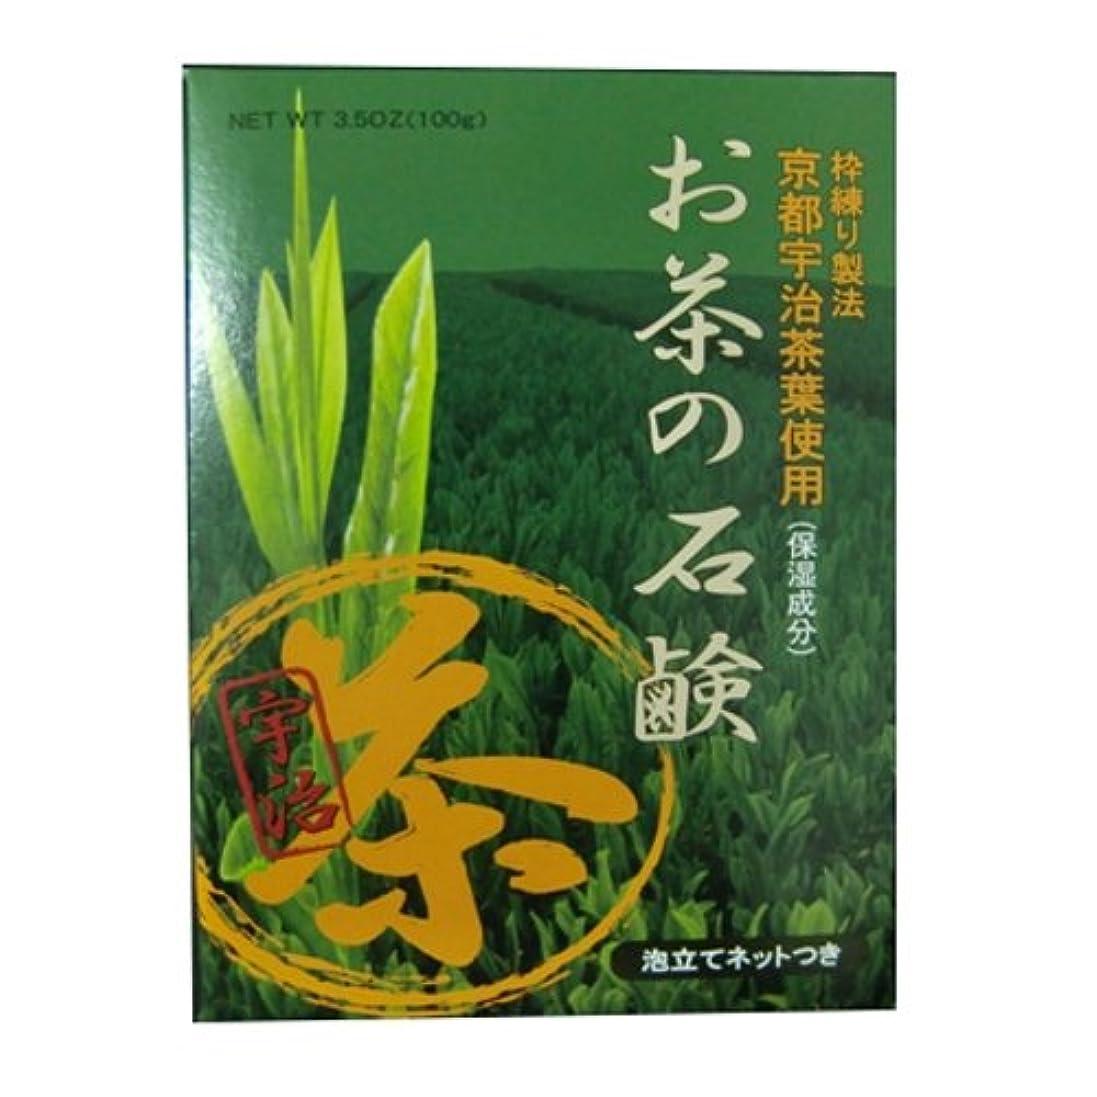 かどうかリーガン買い物に行くお茶の石鹸 ハーバルグリーンソープ 100g